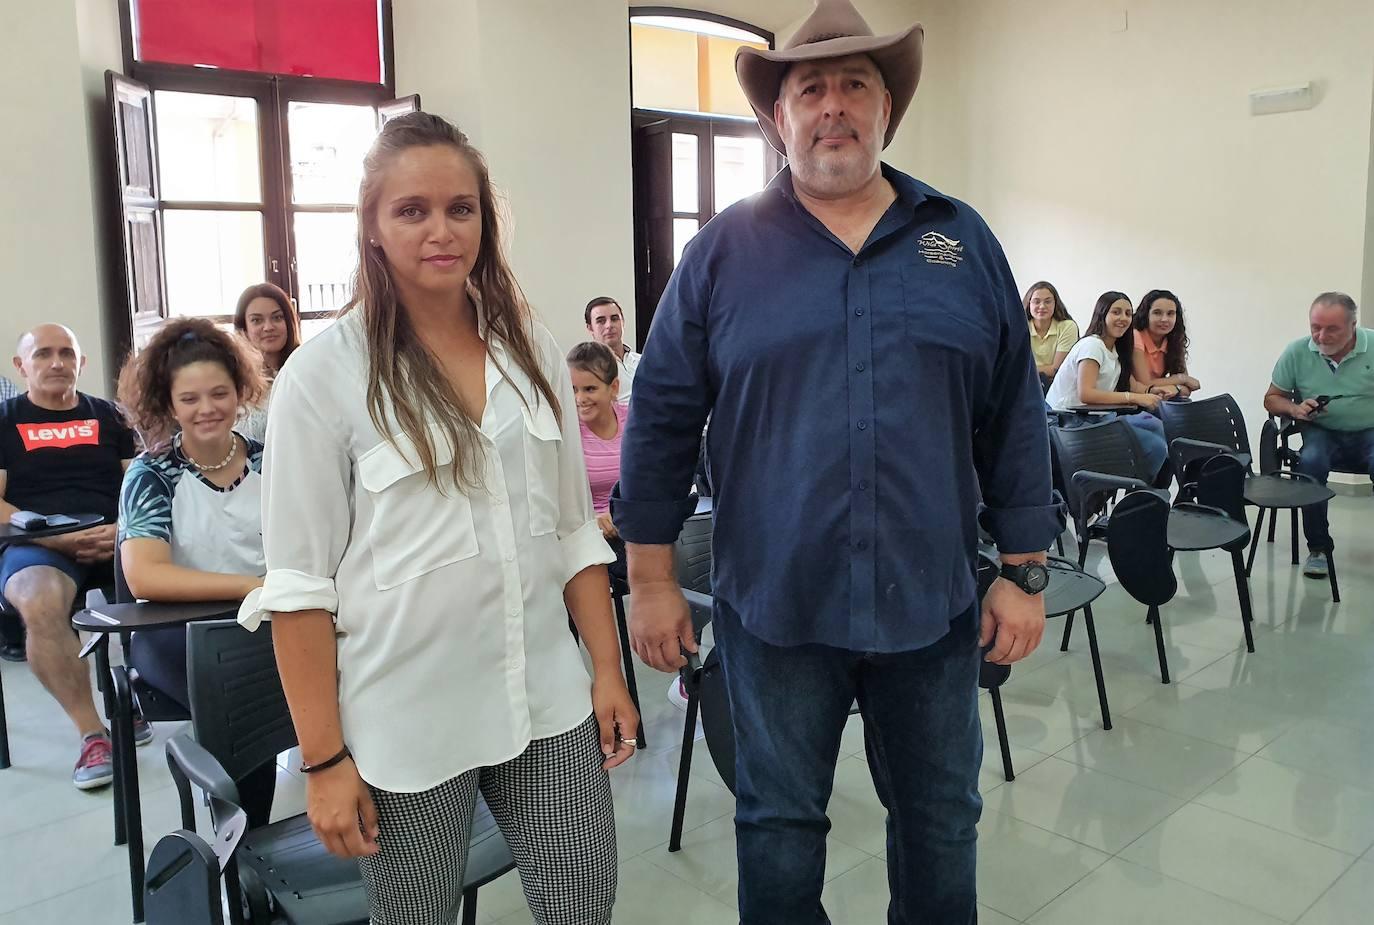 Las jornadas formativas fomentan la cultura ecuestre en la previa de Anducab